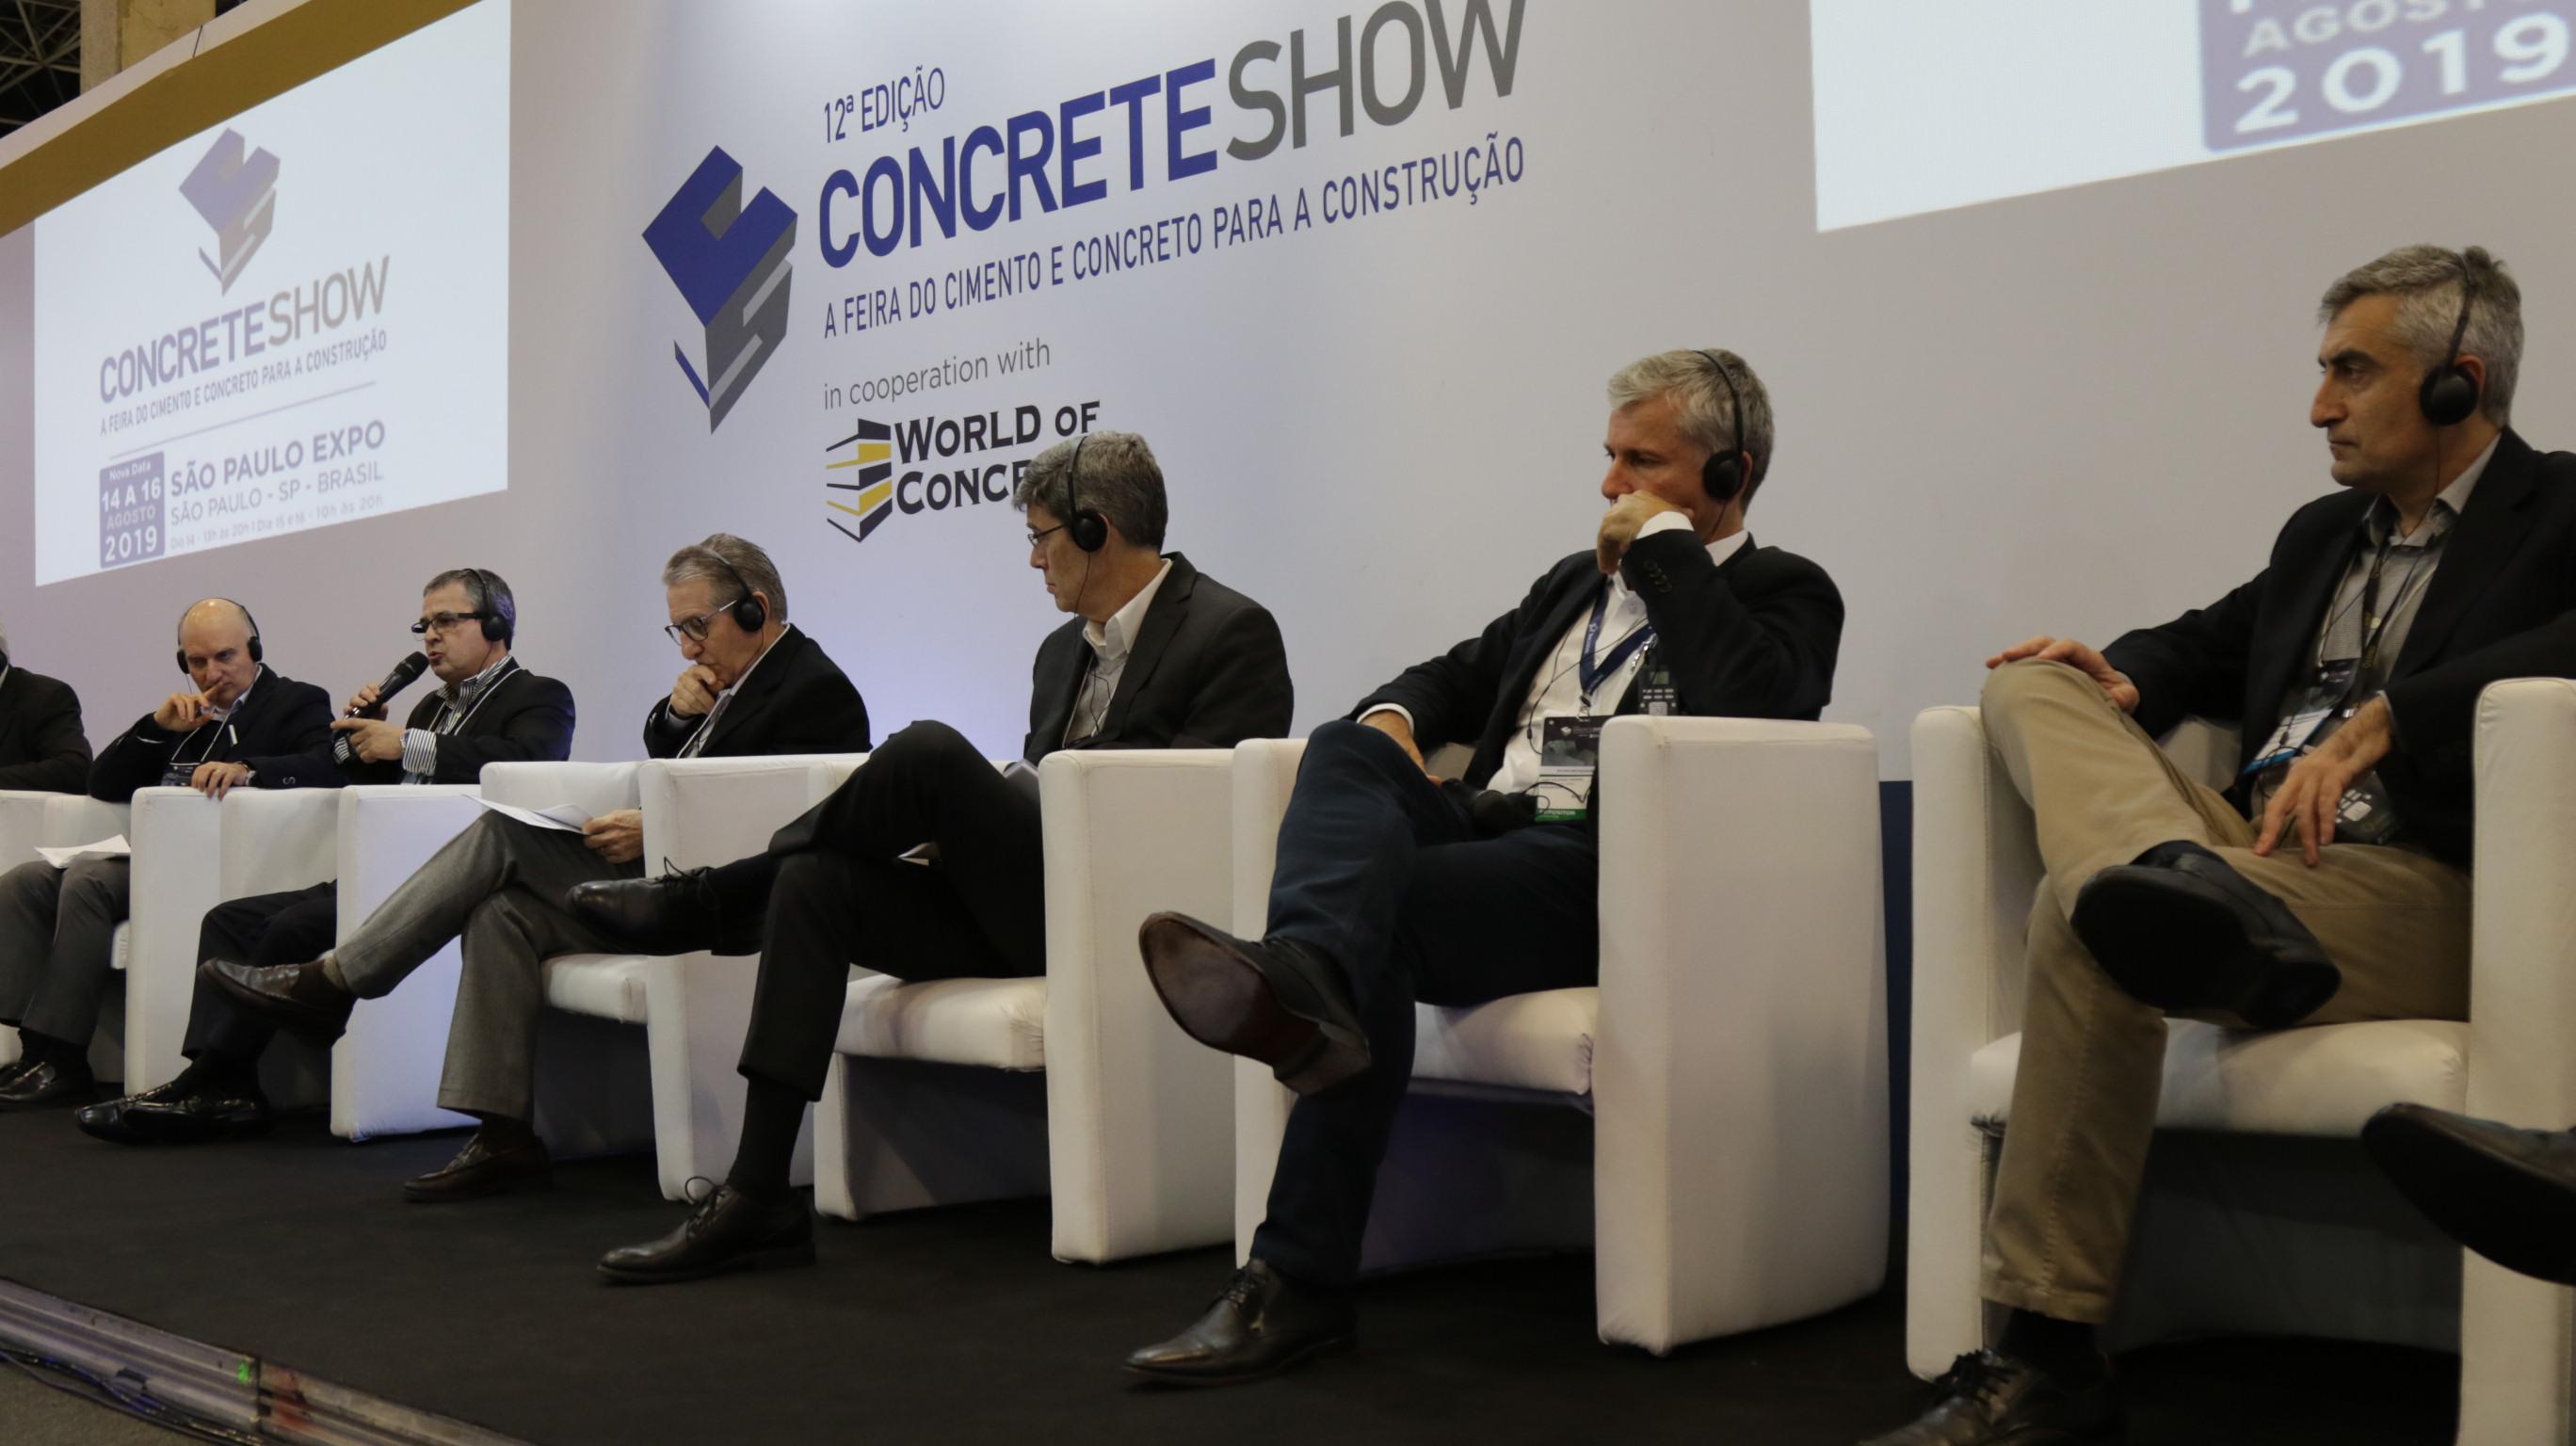 Concrete Show 2019: Votorantim Cimentos participa de debate sobre inovação